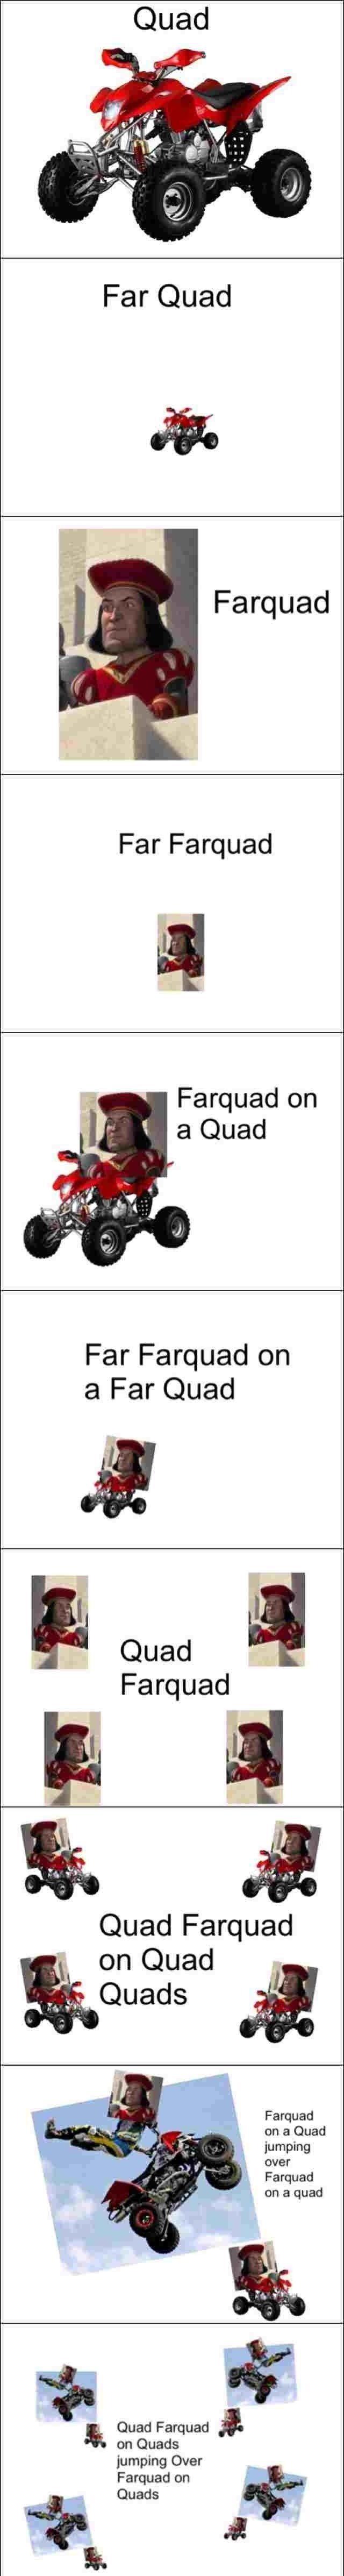 Quad Farquad